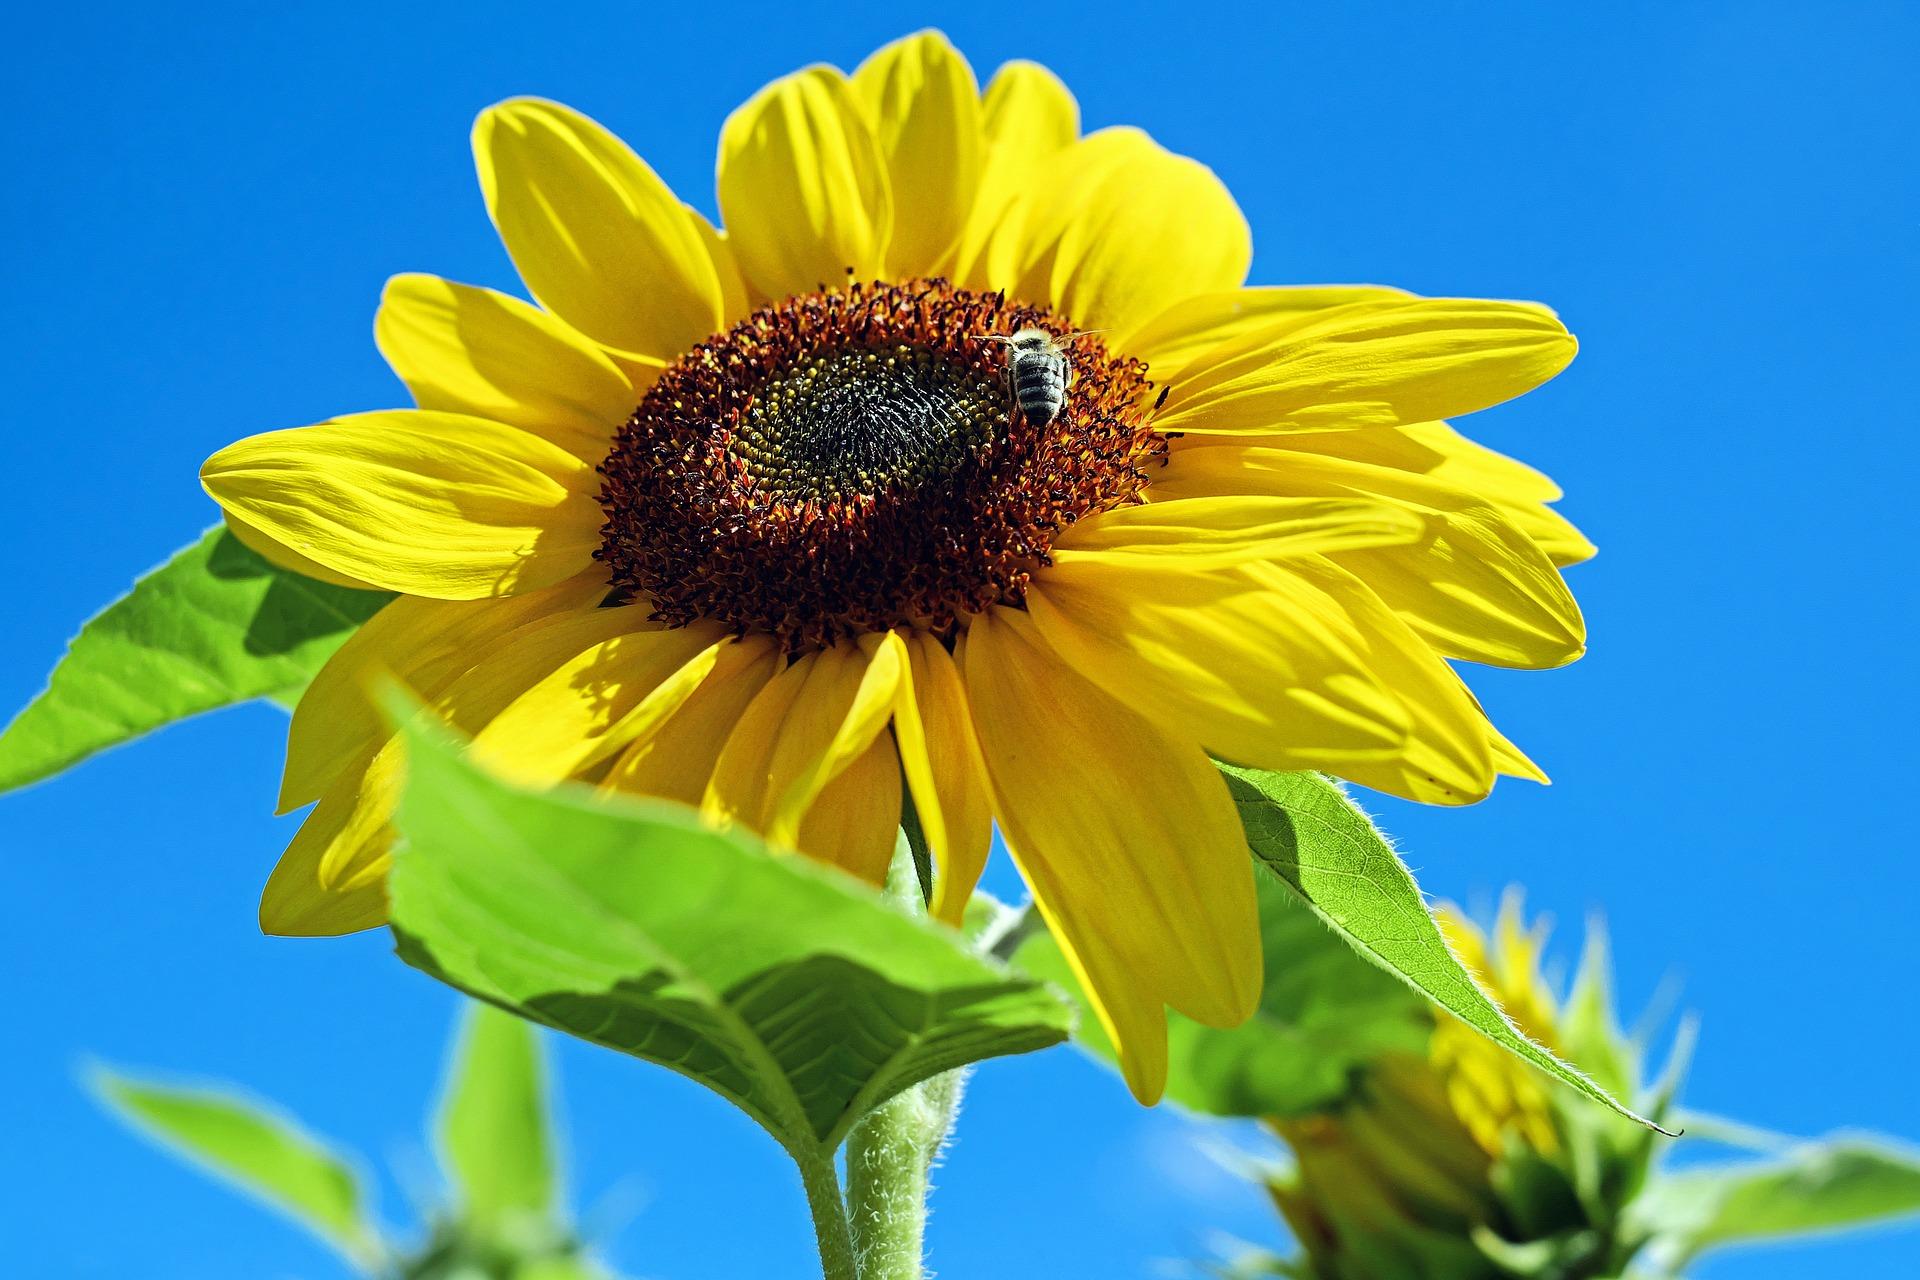 sun-flower-1497092_1920-0exif